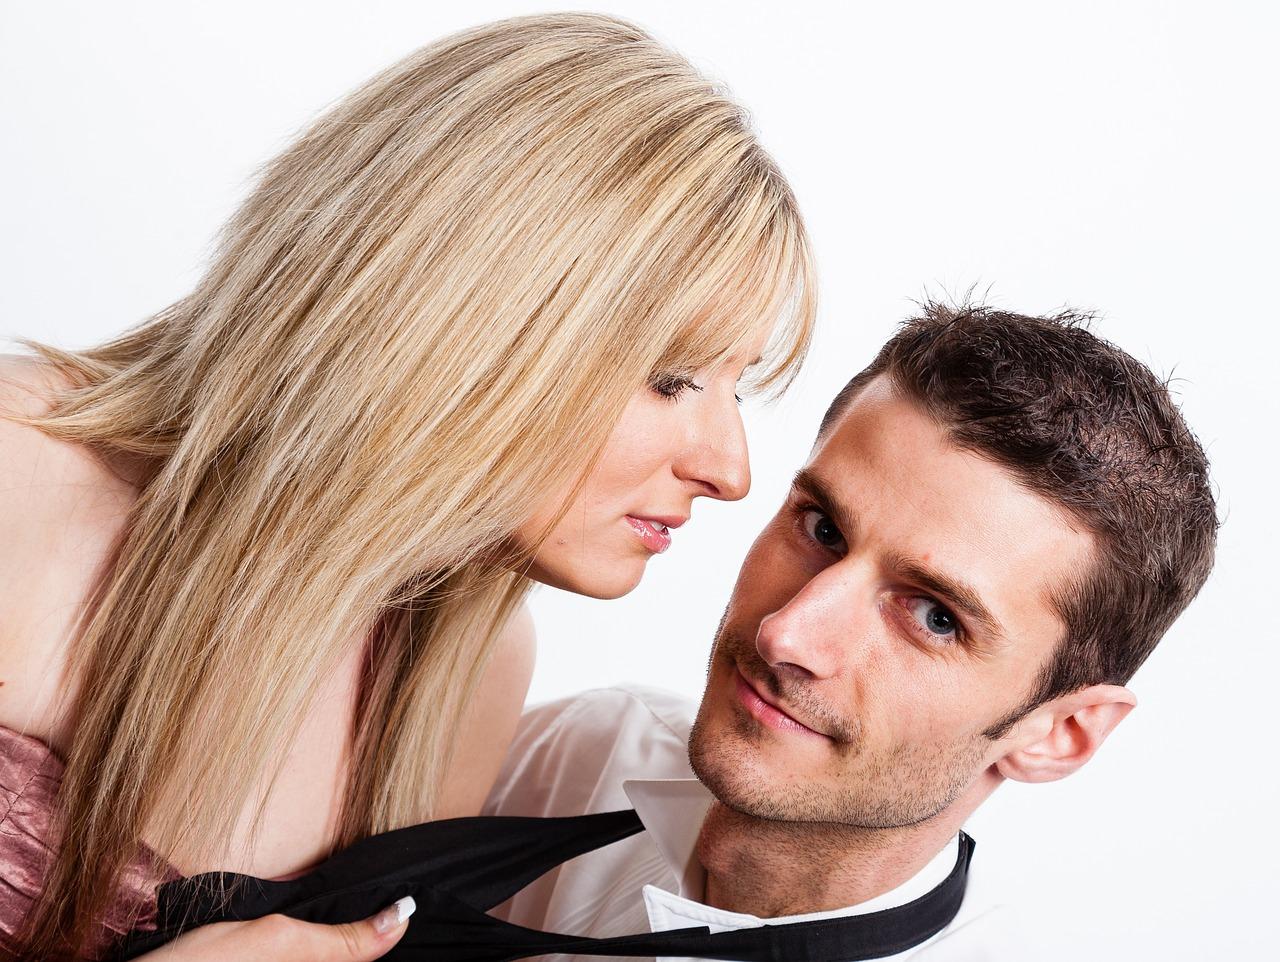 Что думает мужчина о женшине разговаривающей о сексе